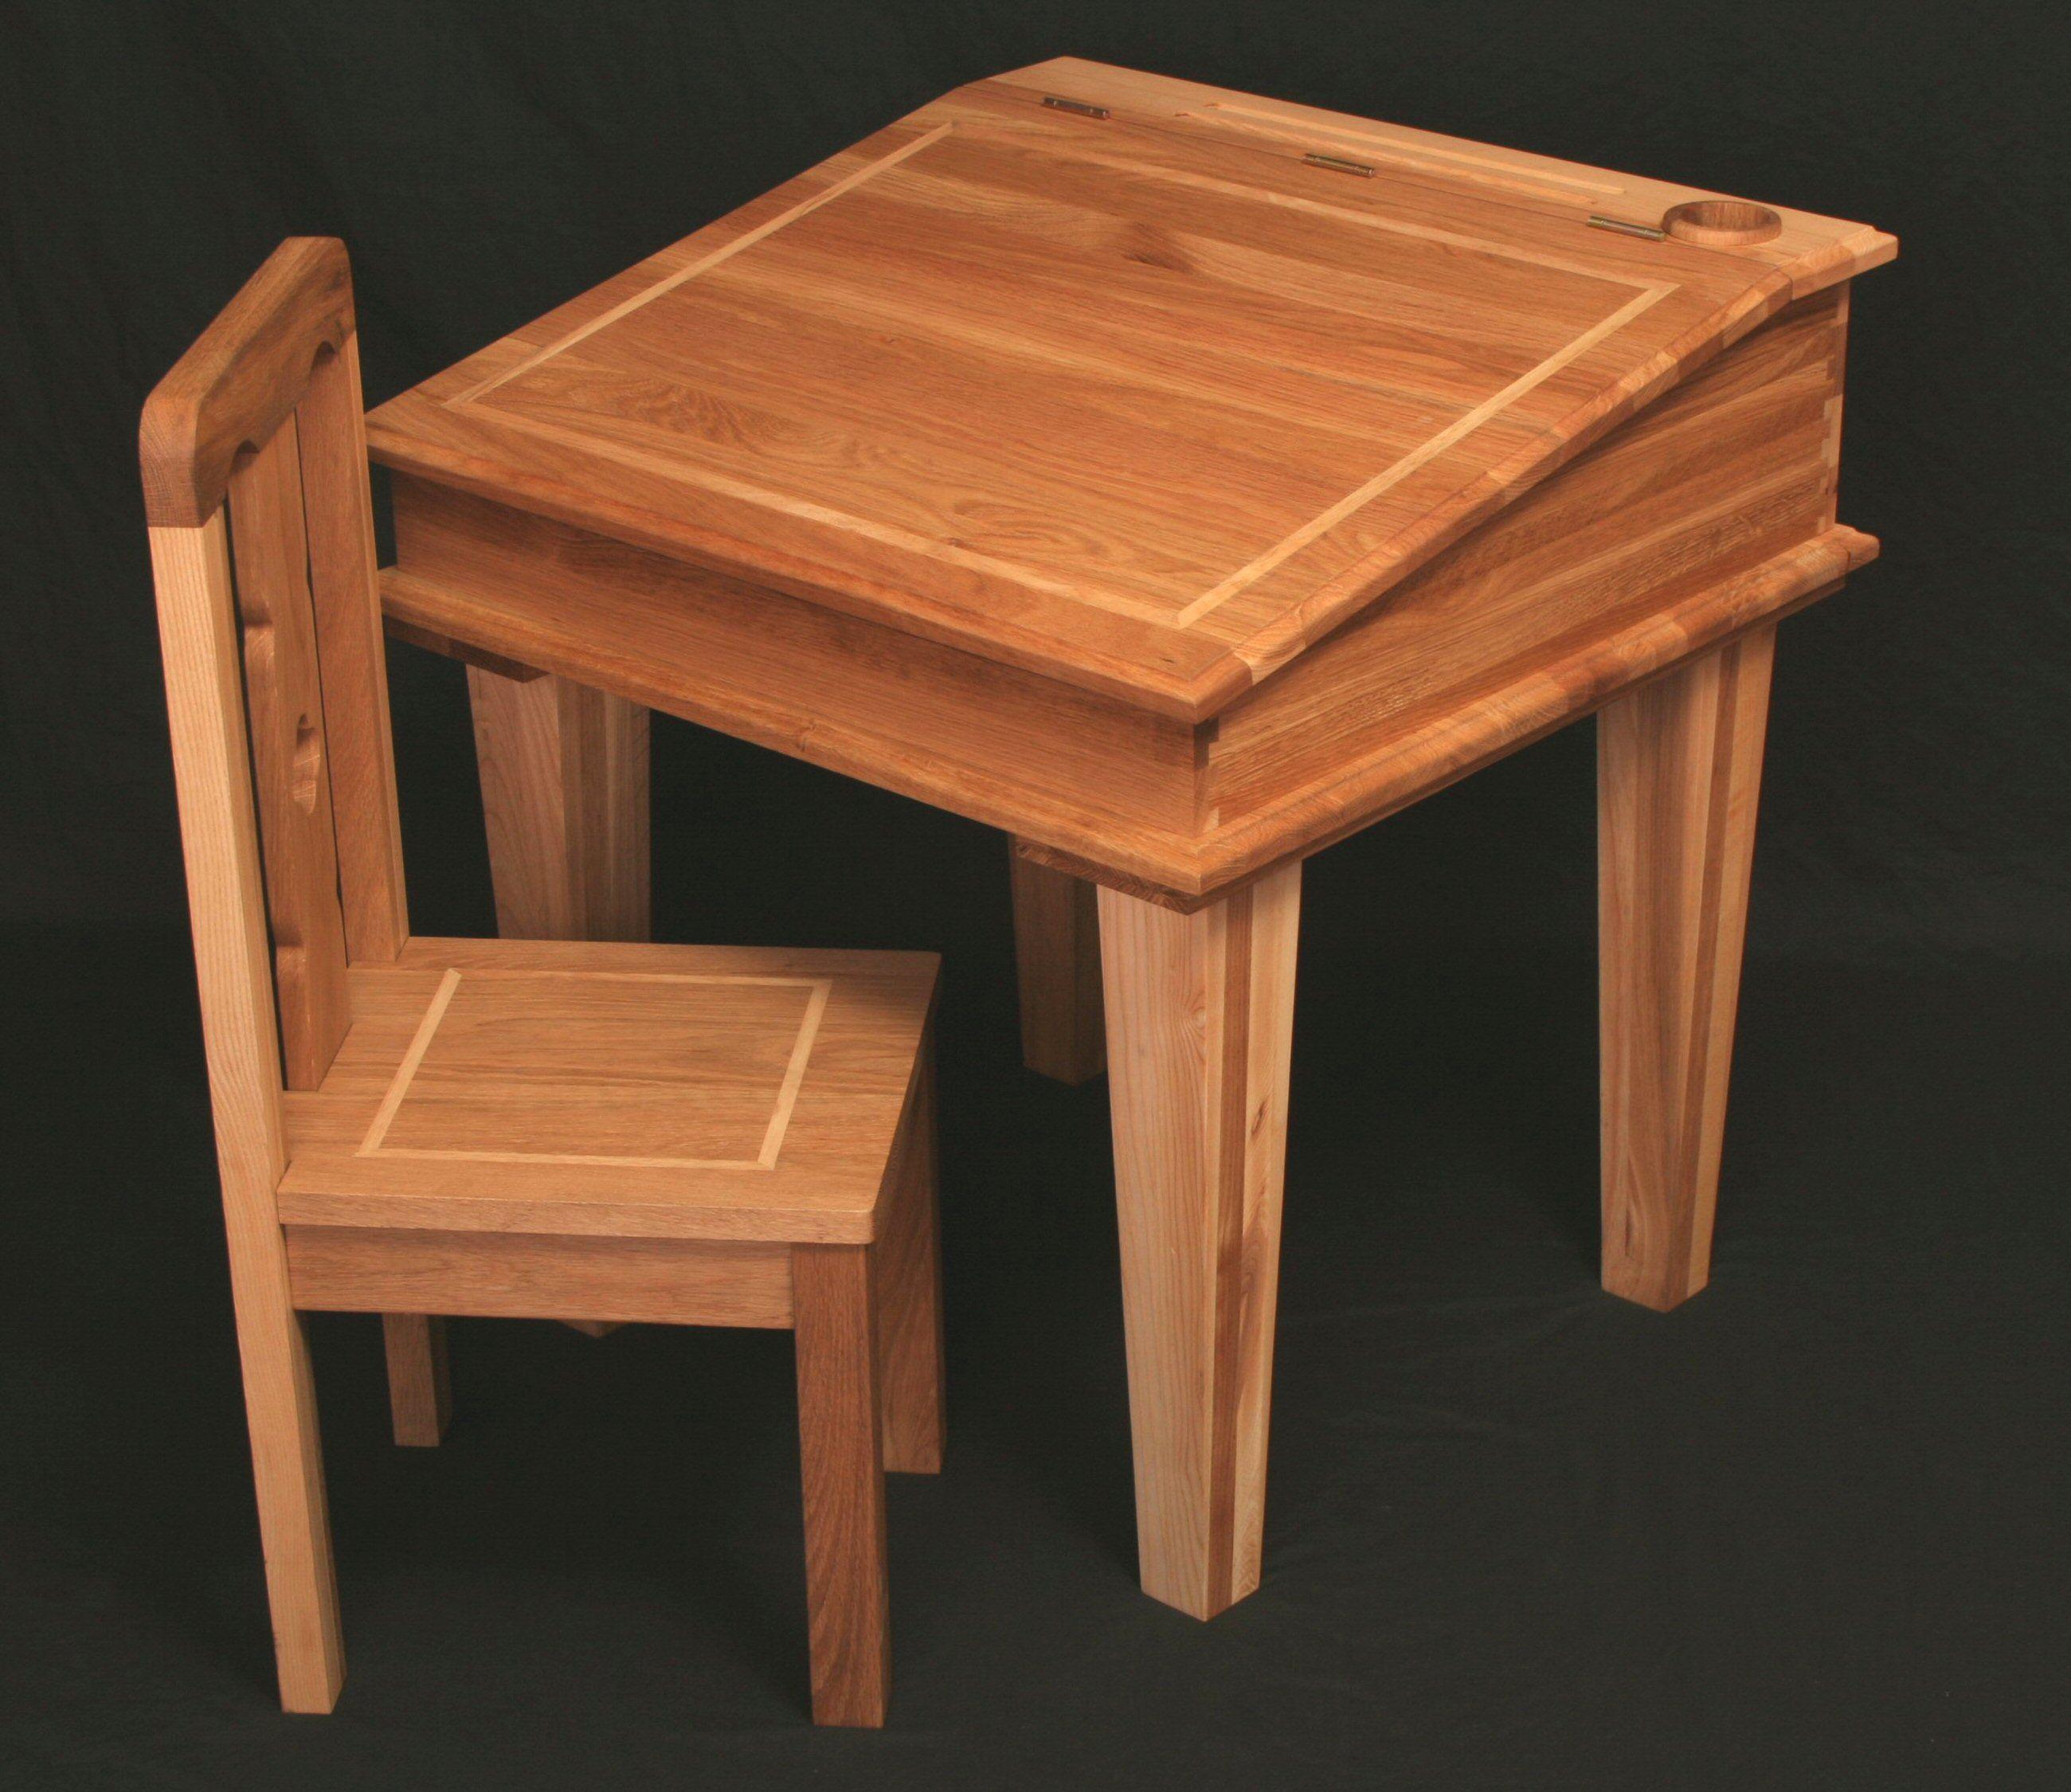 Wooden Desks R Woodendesks Wooden Childrens Table Modern Toddler Table Kids Wooden Desk